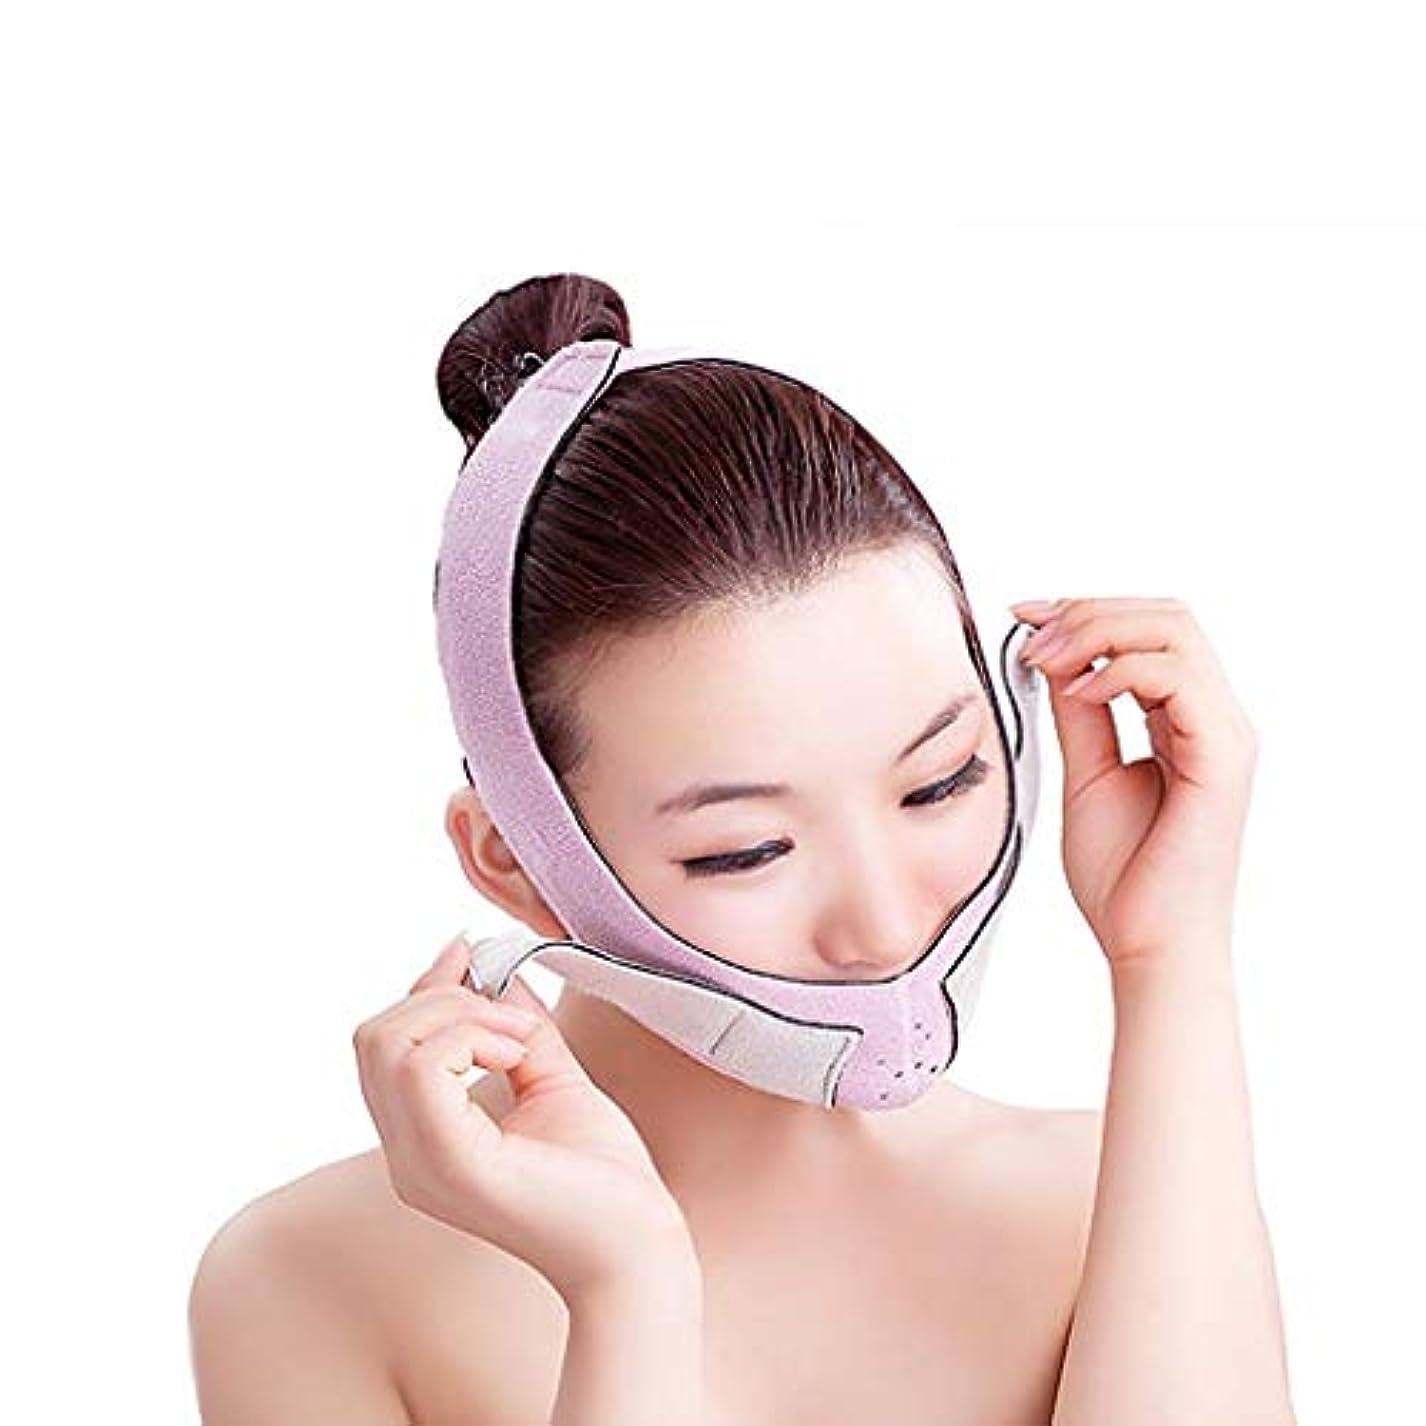 まだ長いですコントラストCHSY 薄い顔ベルト、ファーミングフェイススリミング二重あごVフェイスアーティファクト通気性睡眠ビームフェイスベルトを持ち上げる薄い顔の包帯 薄い顔の包帯 (Color : Purple)